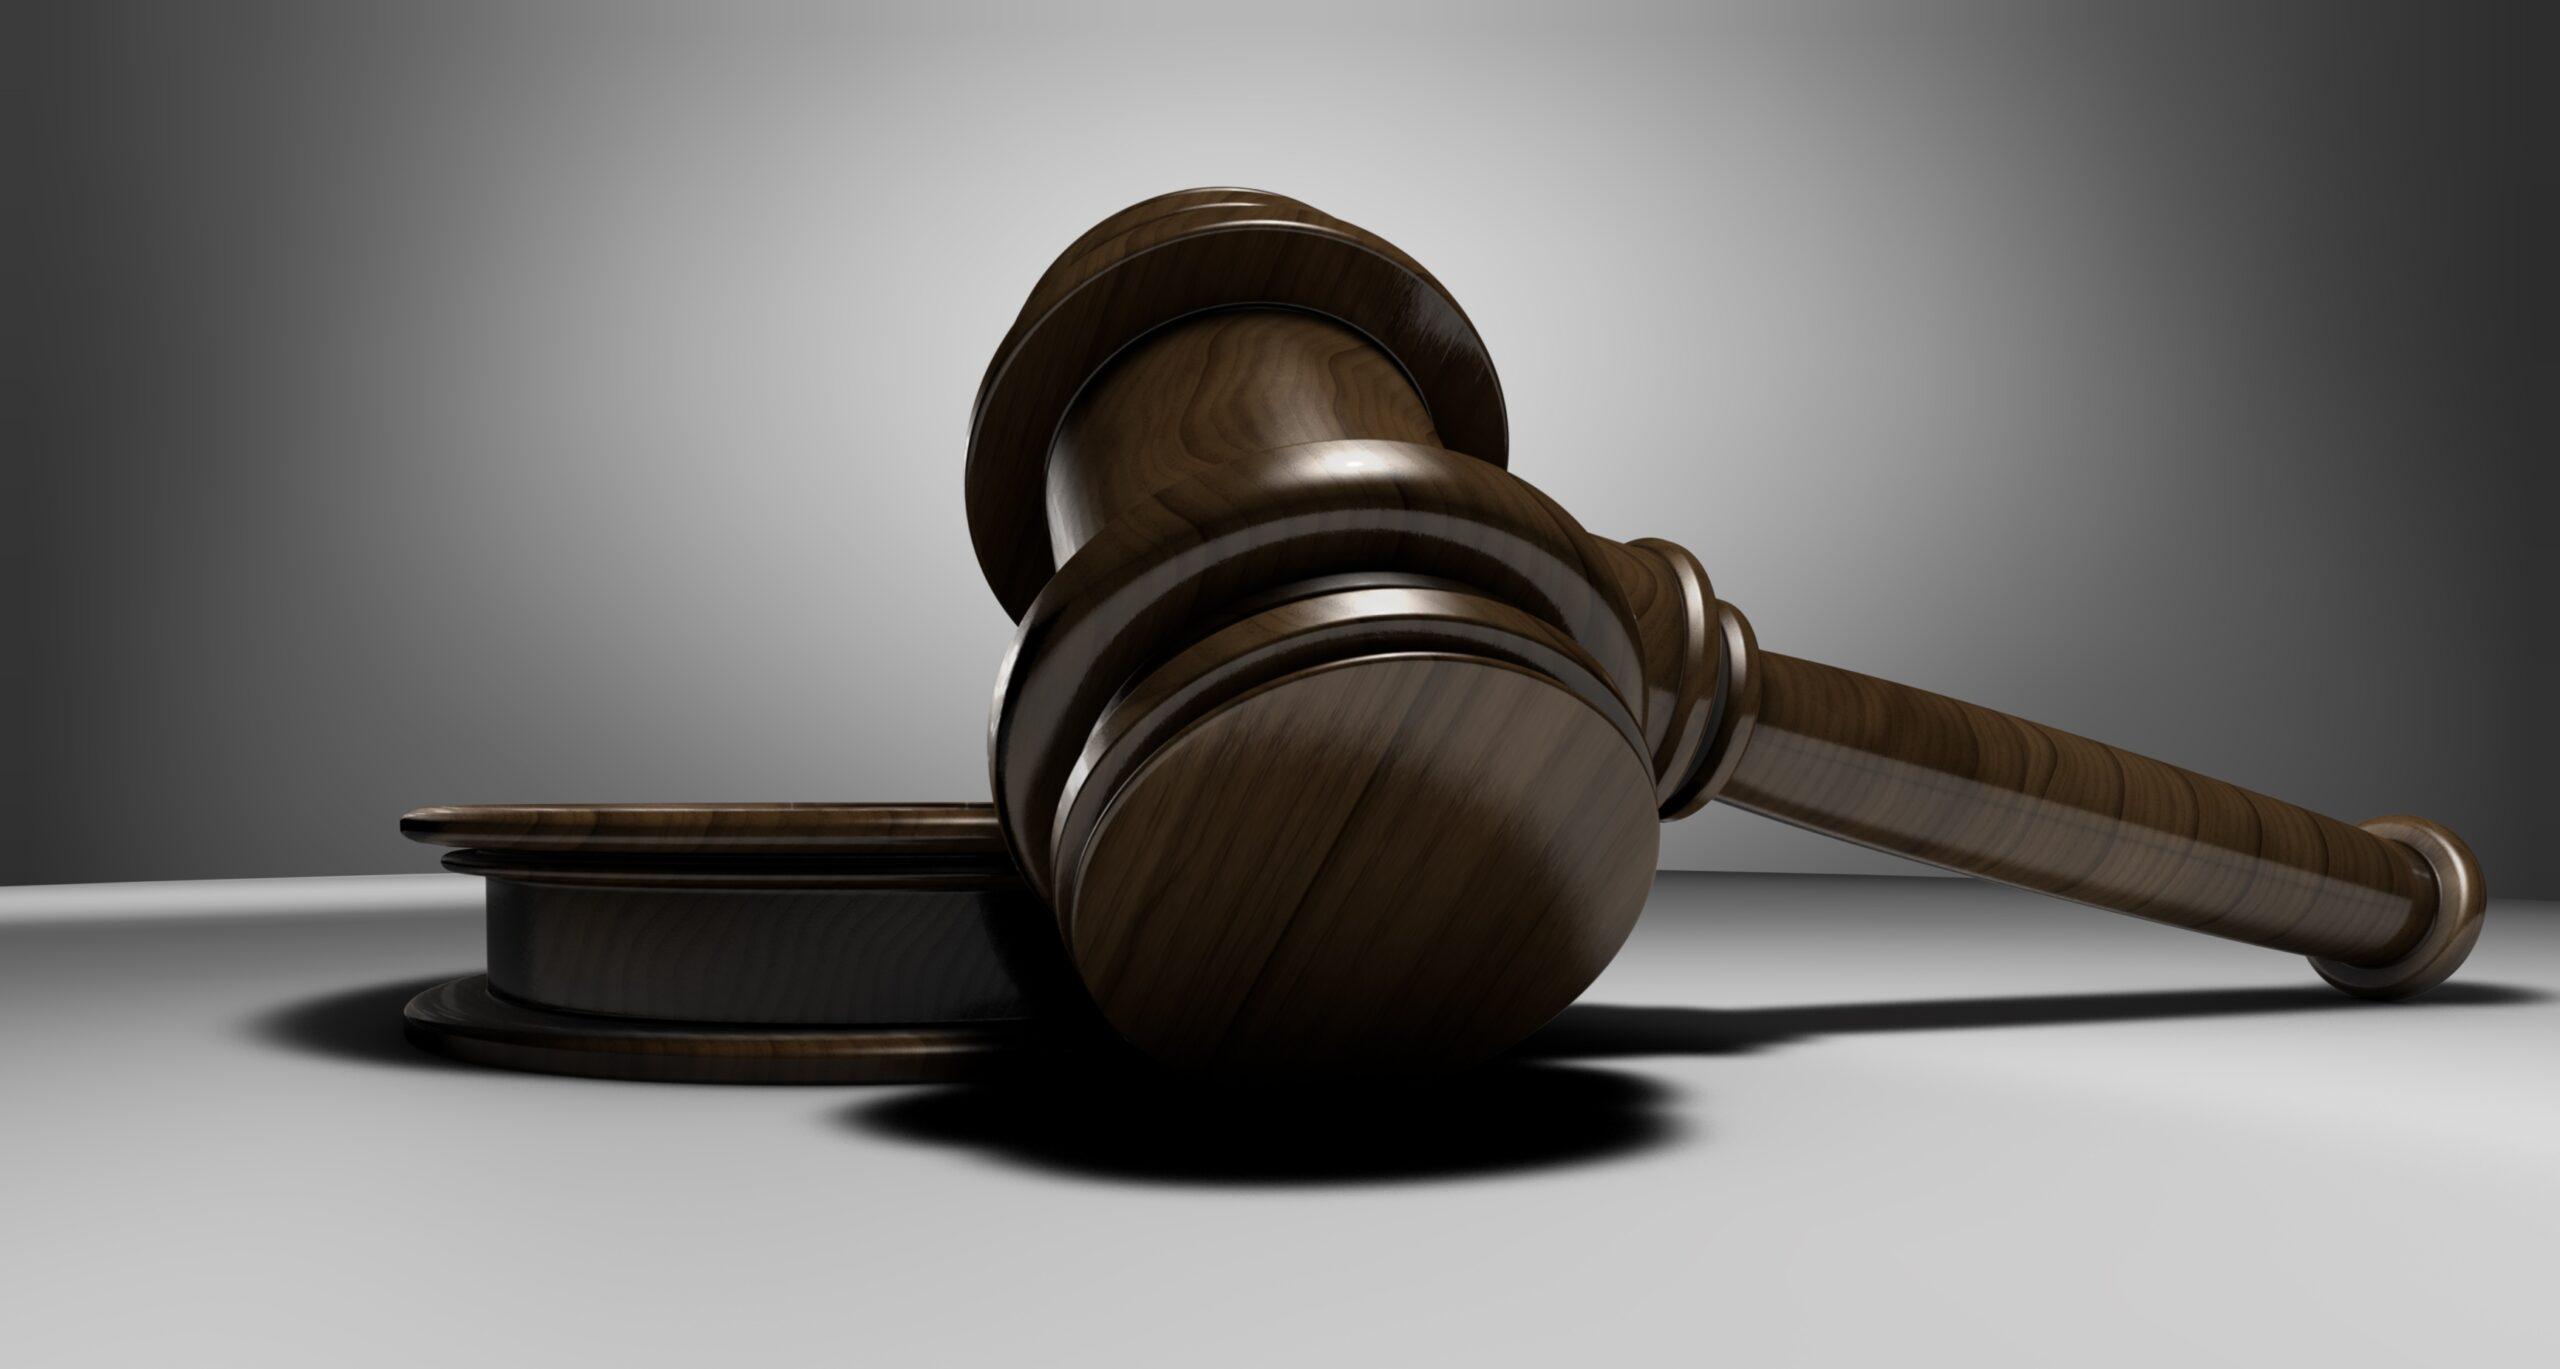 11-12-2020 – Aggiornamenti giurisprudenziali